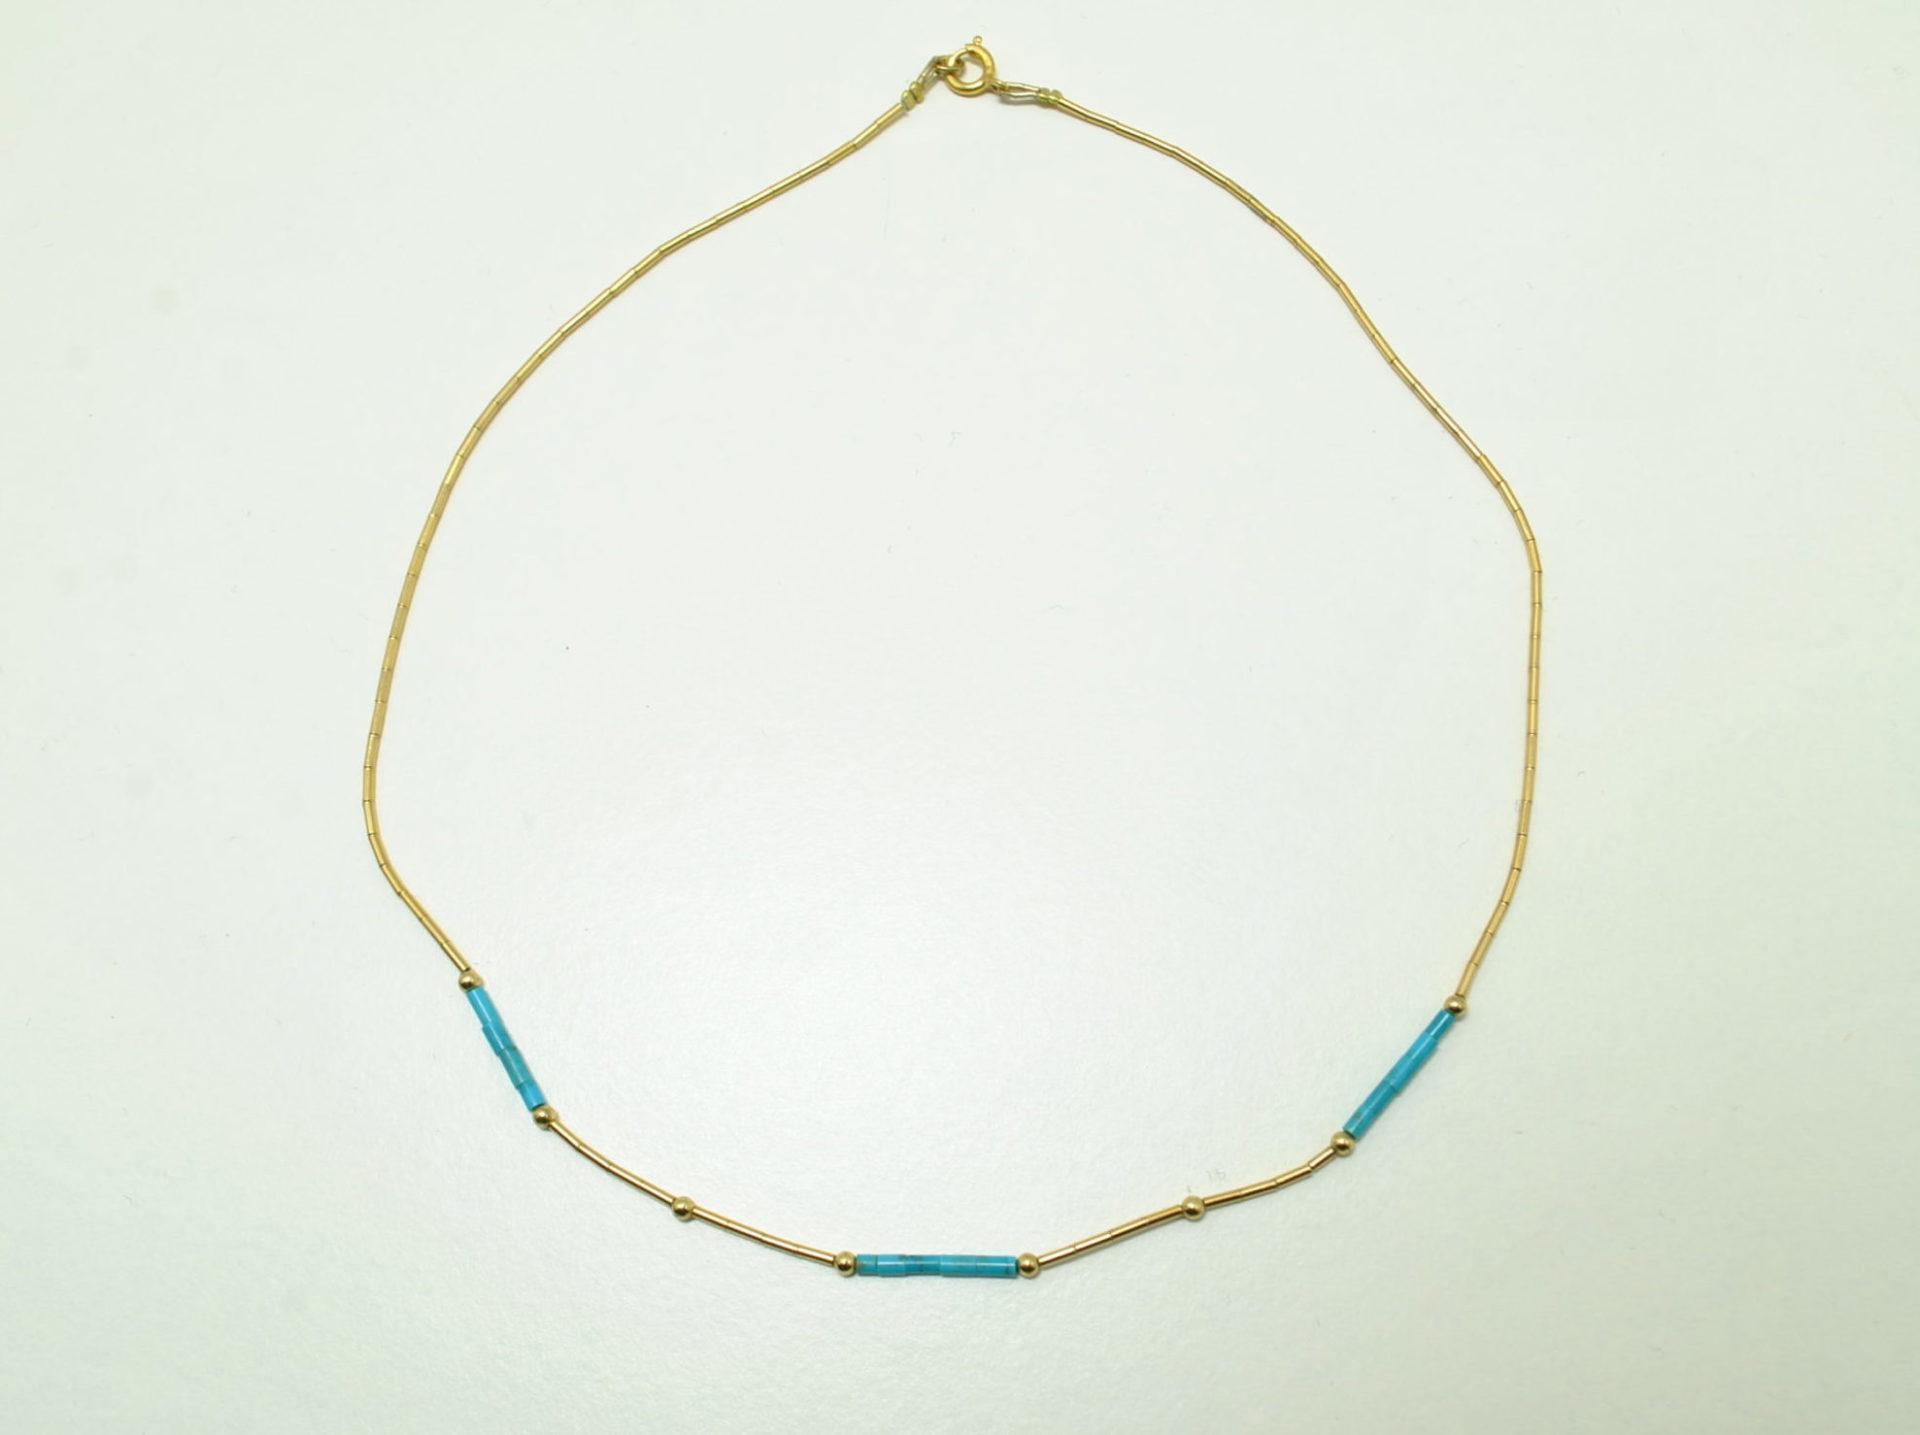 Petit collier turquoise et doré